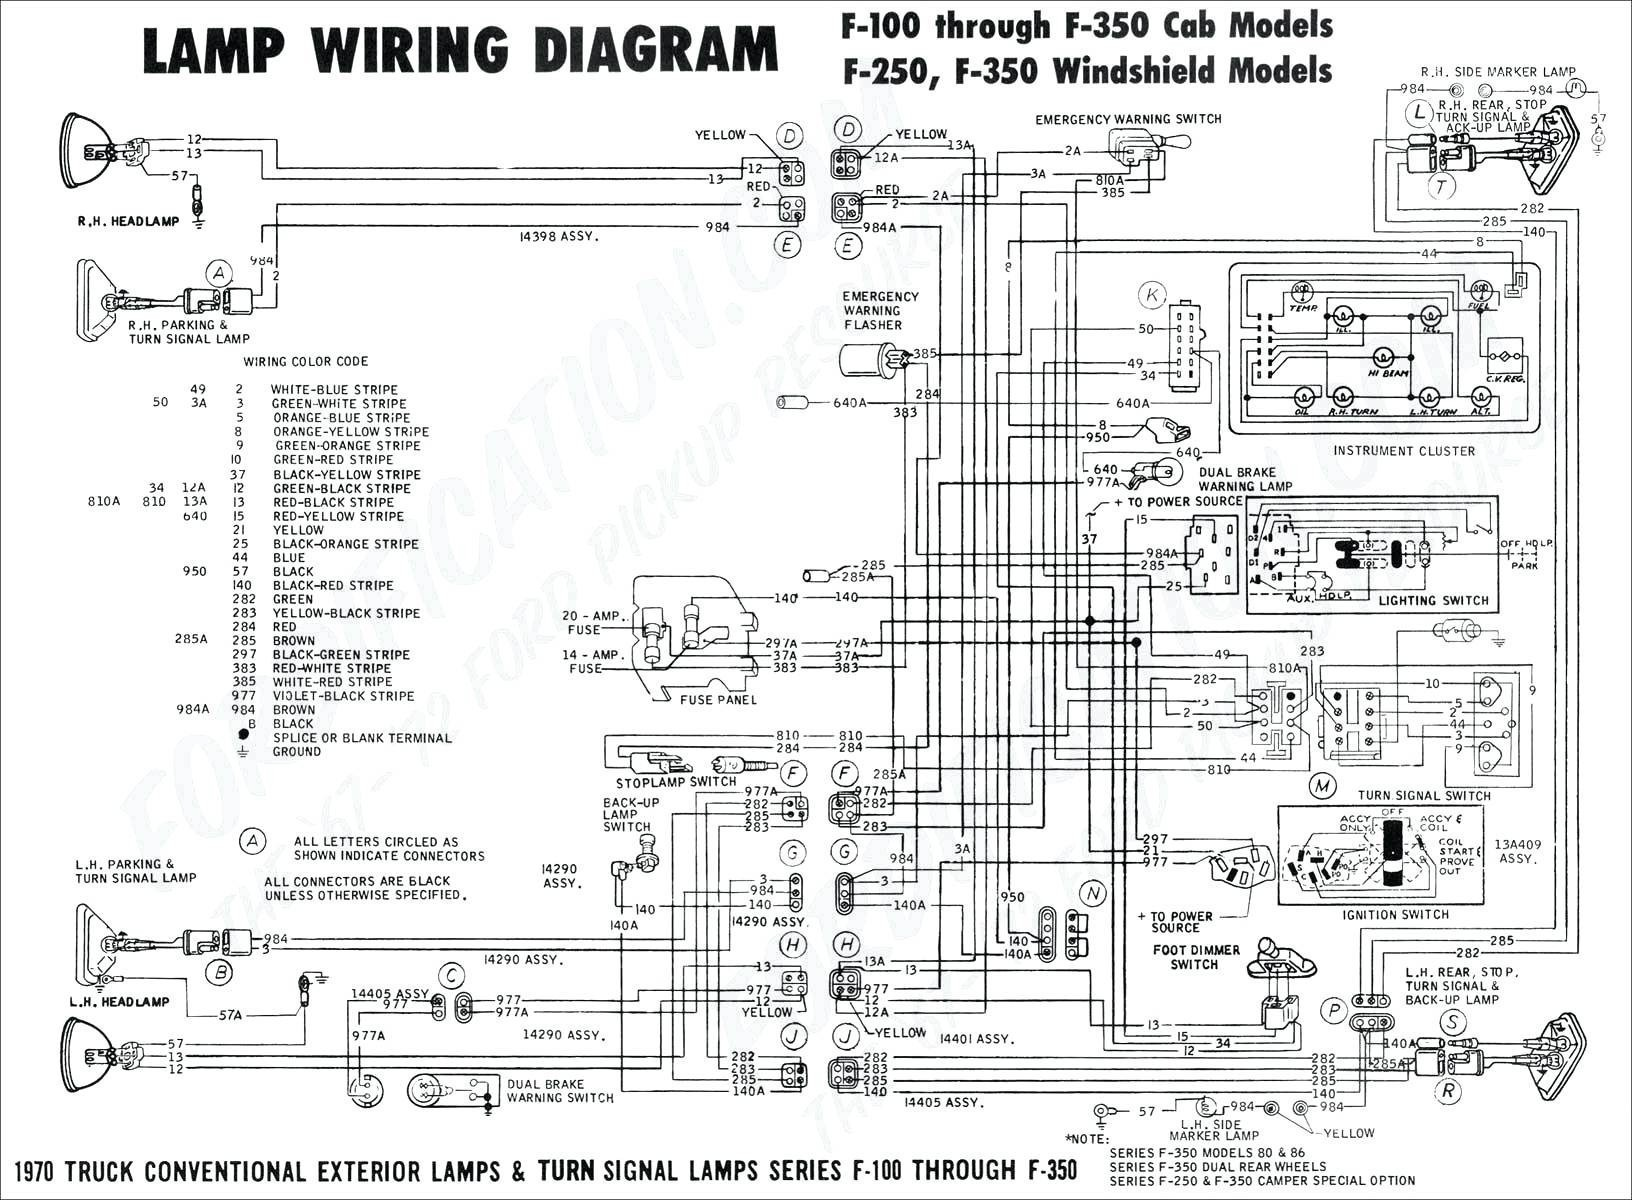 Briggs and Stratton Engine Diagram Magneto Ignition System Wiring Diagram Best Briggs and Stratton Of Briggs and Stratton Engine Diagram